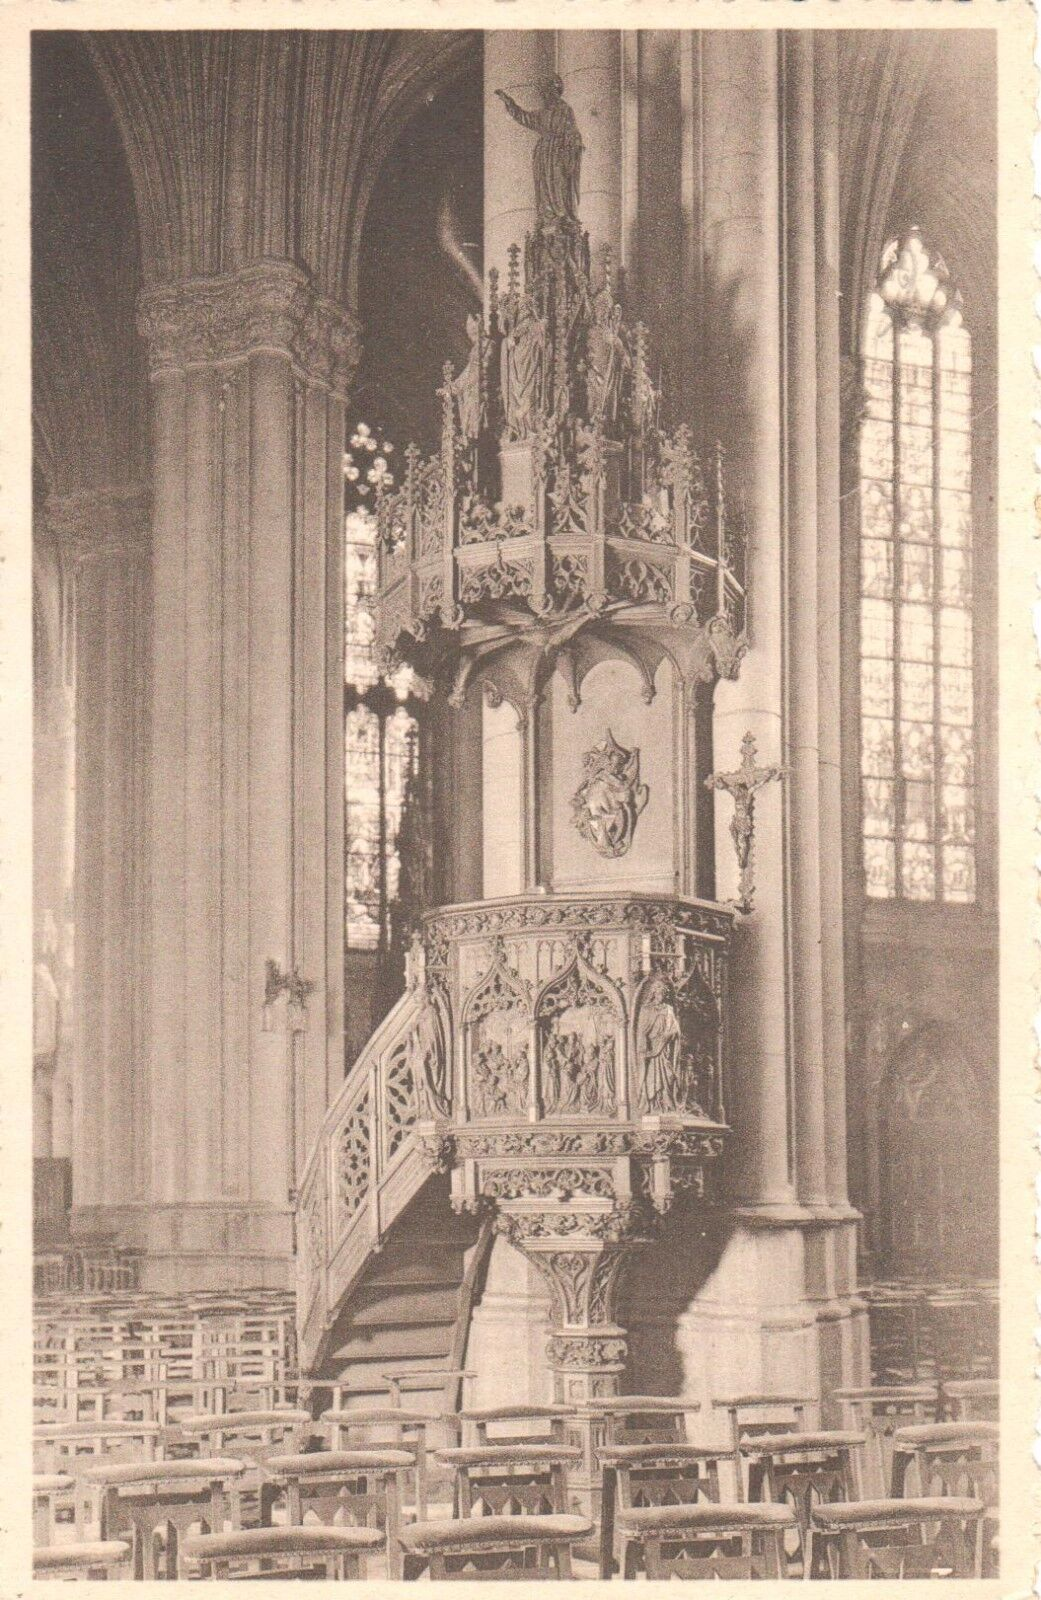 carte postale - Bruxelles - CPA - Ixelles - Eglise saint Boniface